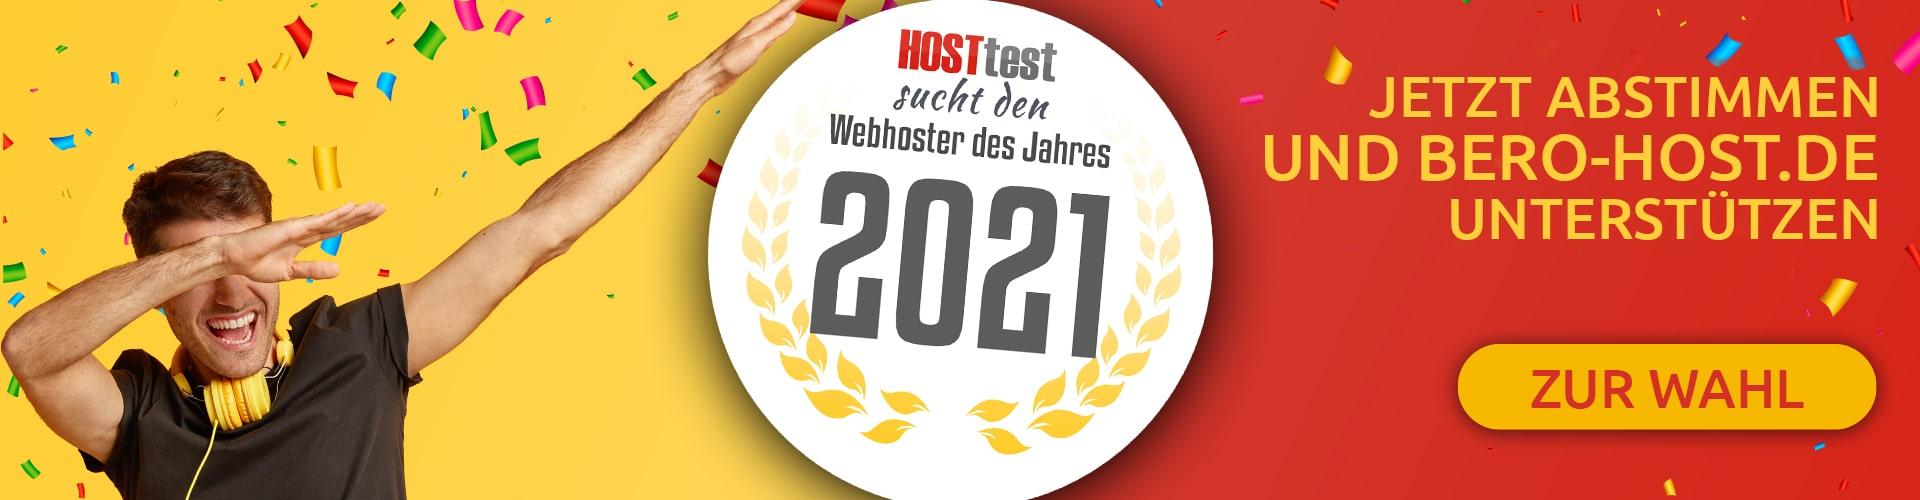 Stimme jetzt für BERO-HOST.DE ab - Webhoster des Jahres 2021